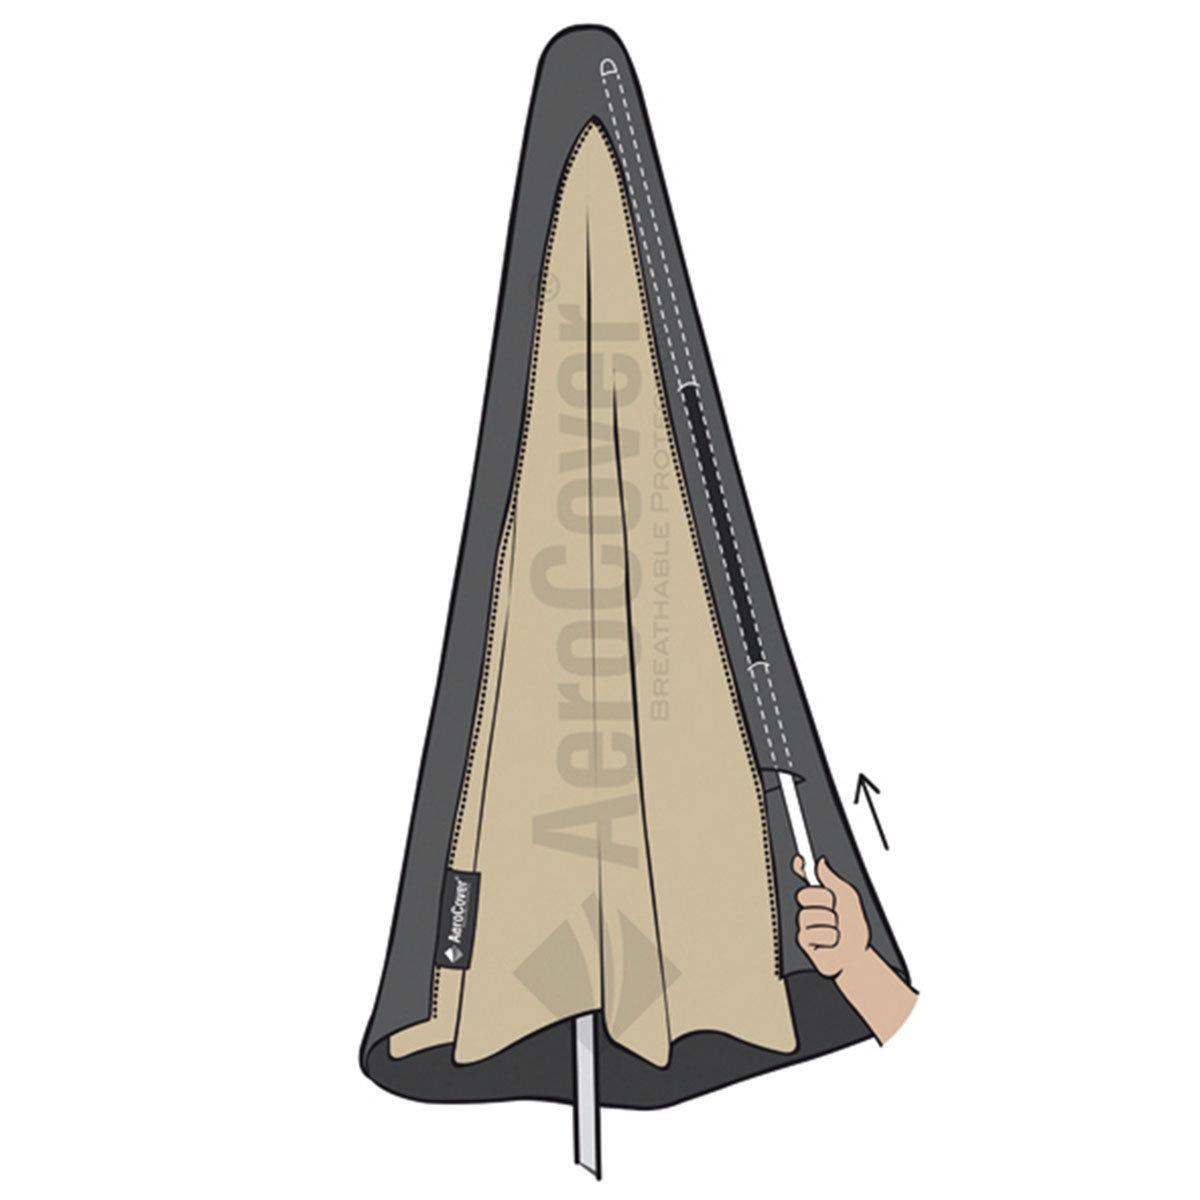 Schutzhülle AeroCover für Stockschirme bis Ø 4 m   #6